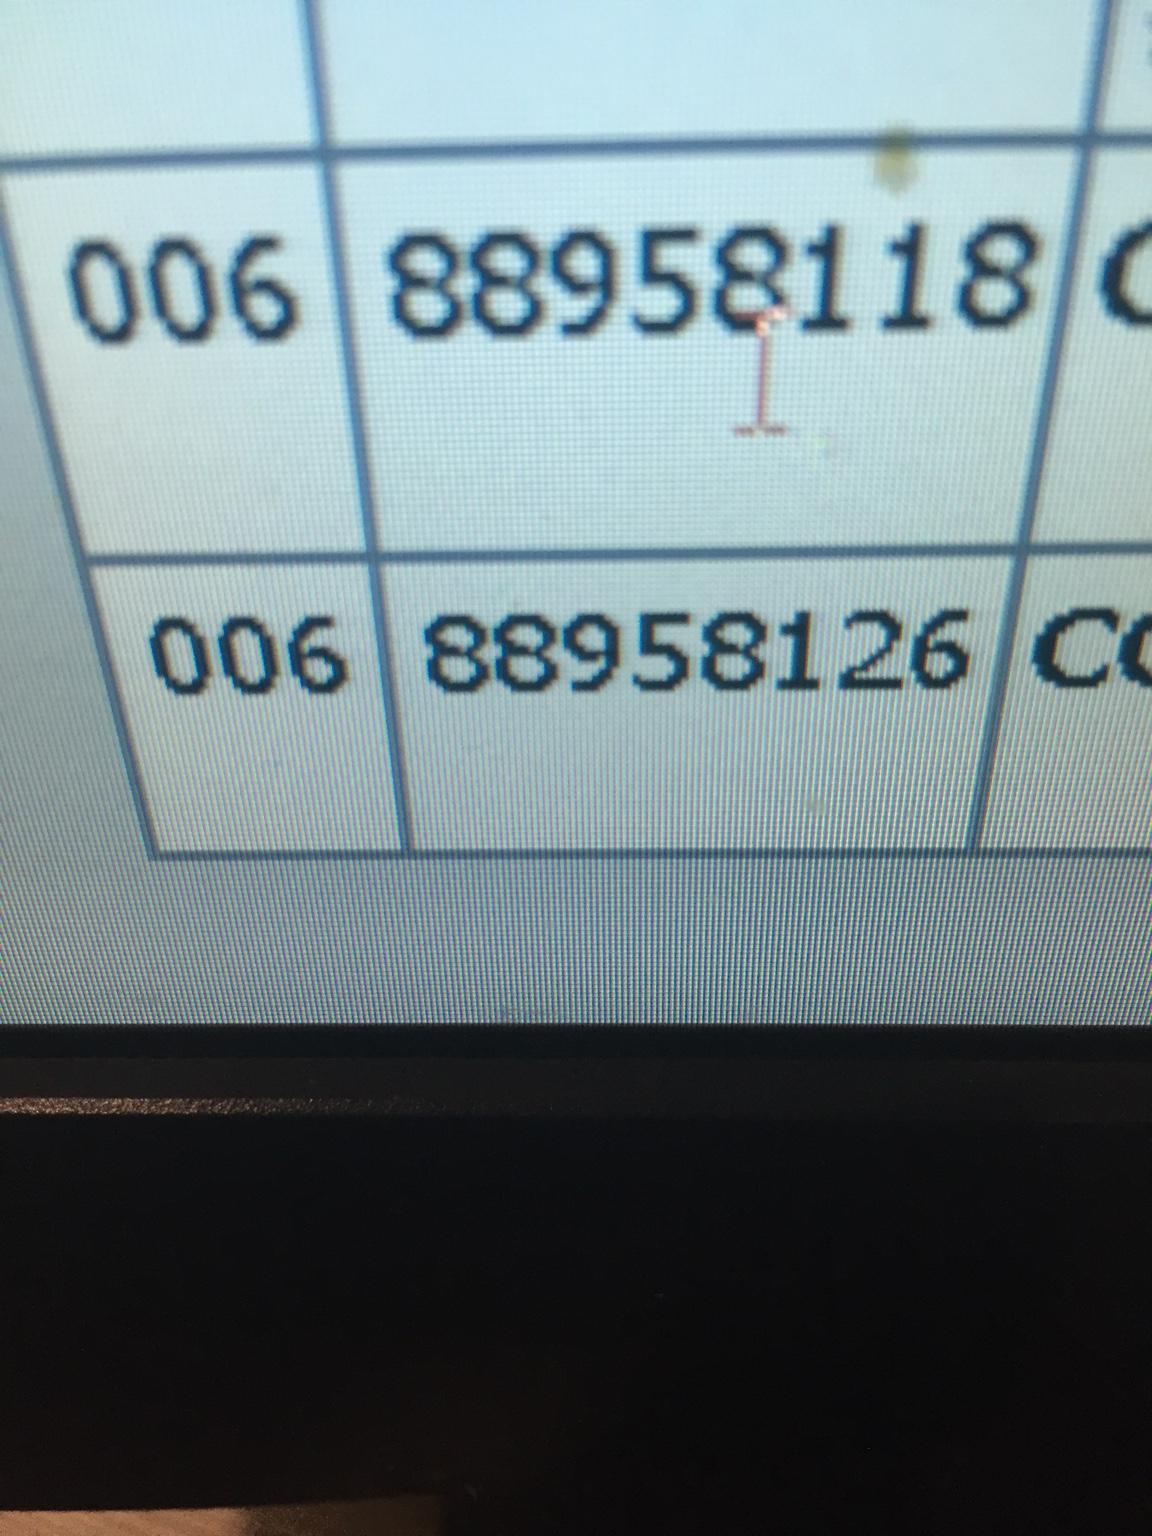 1328fde507650c700194e320cf0e6356.jpg